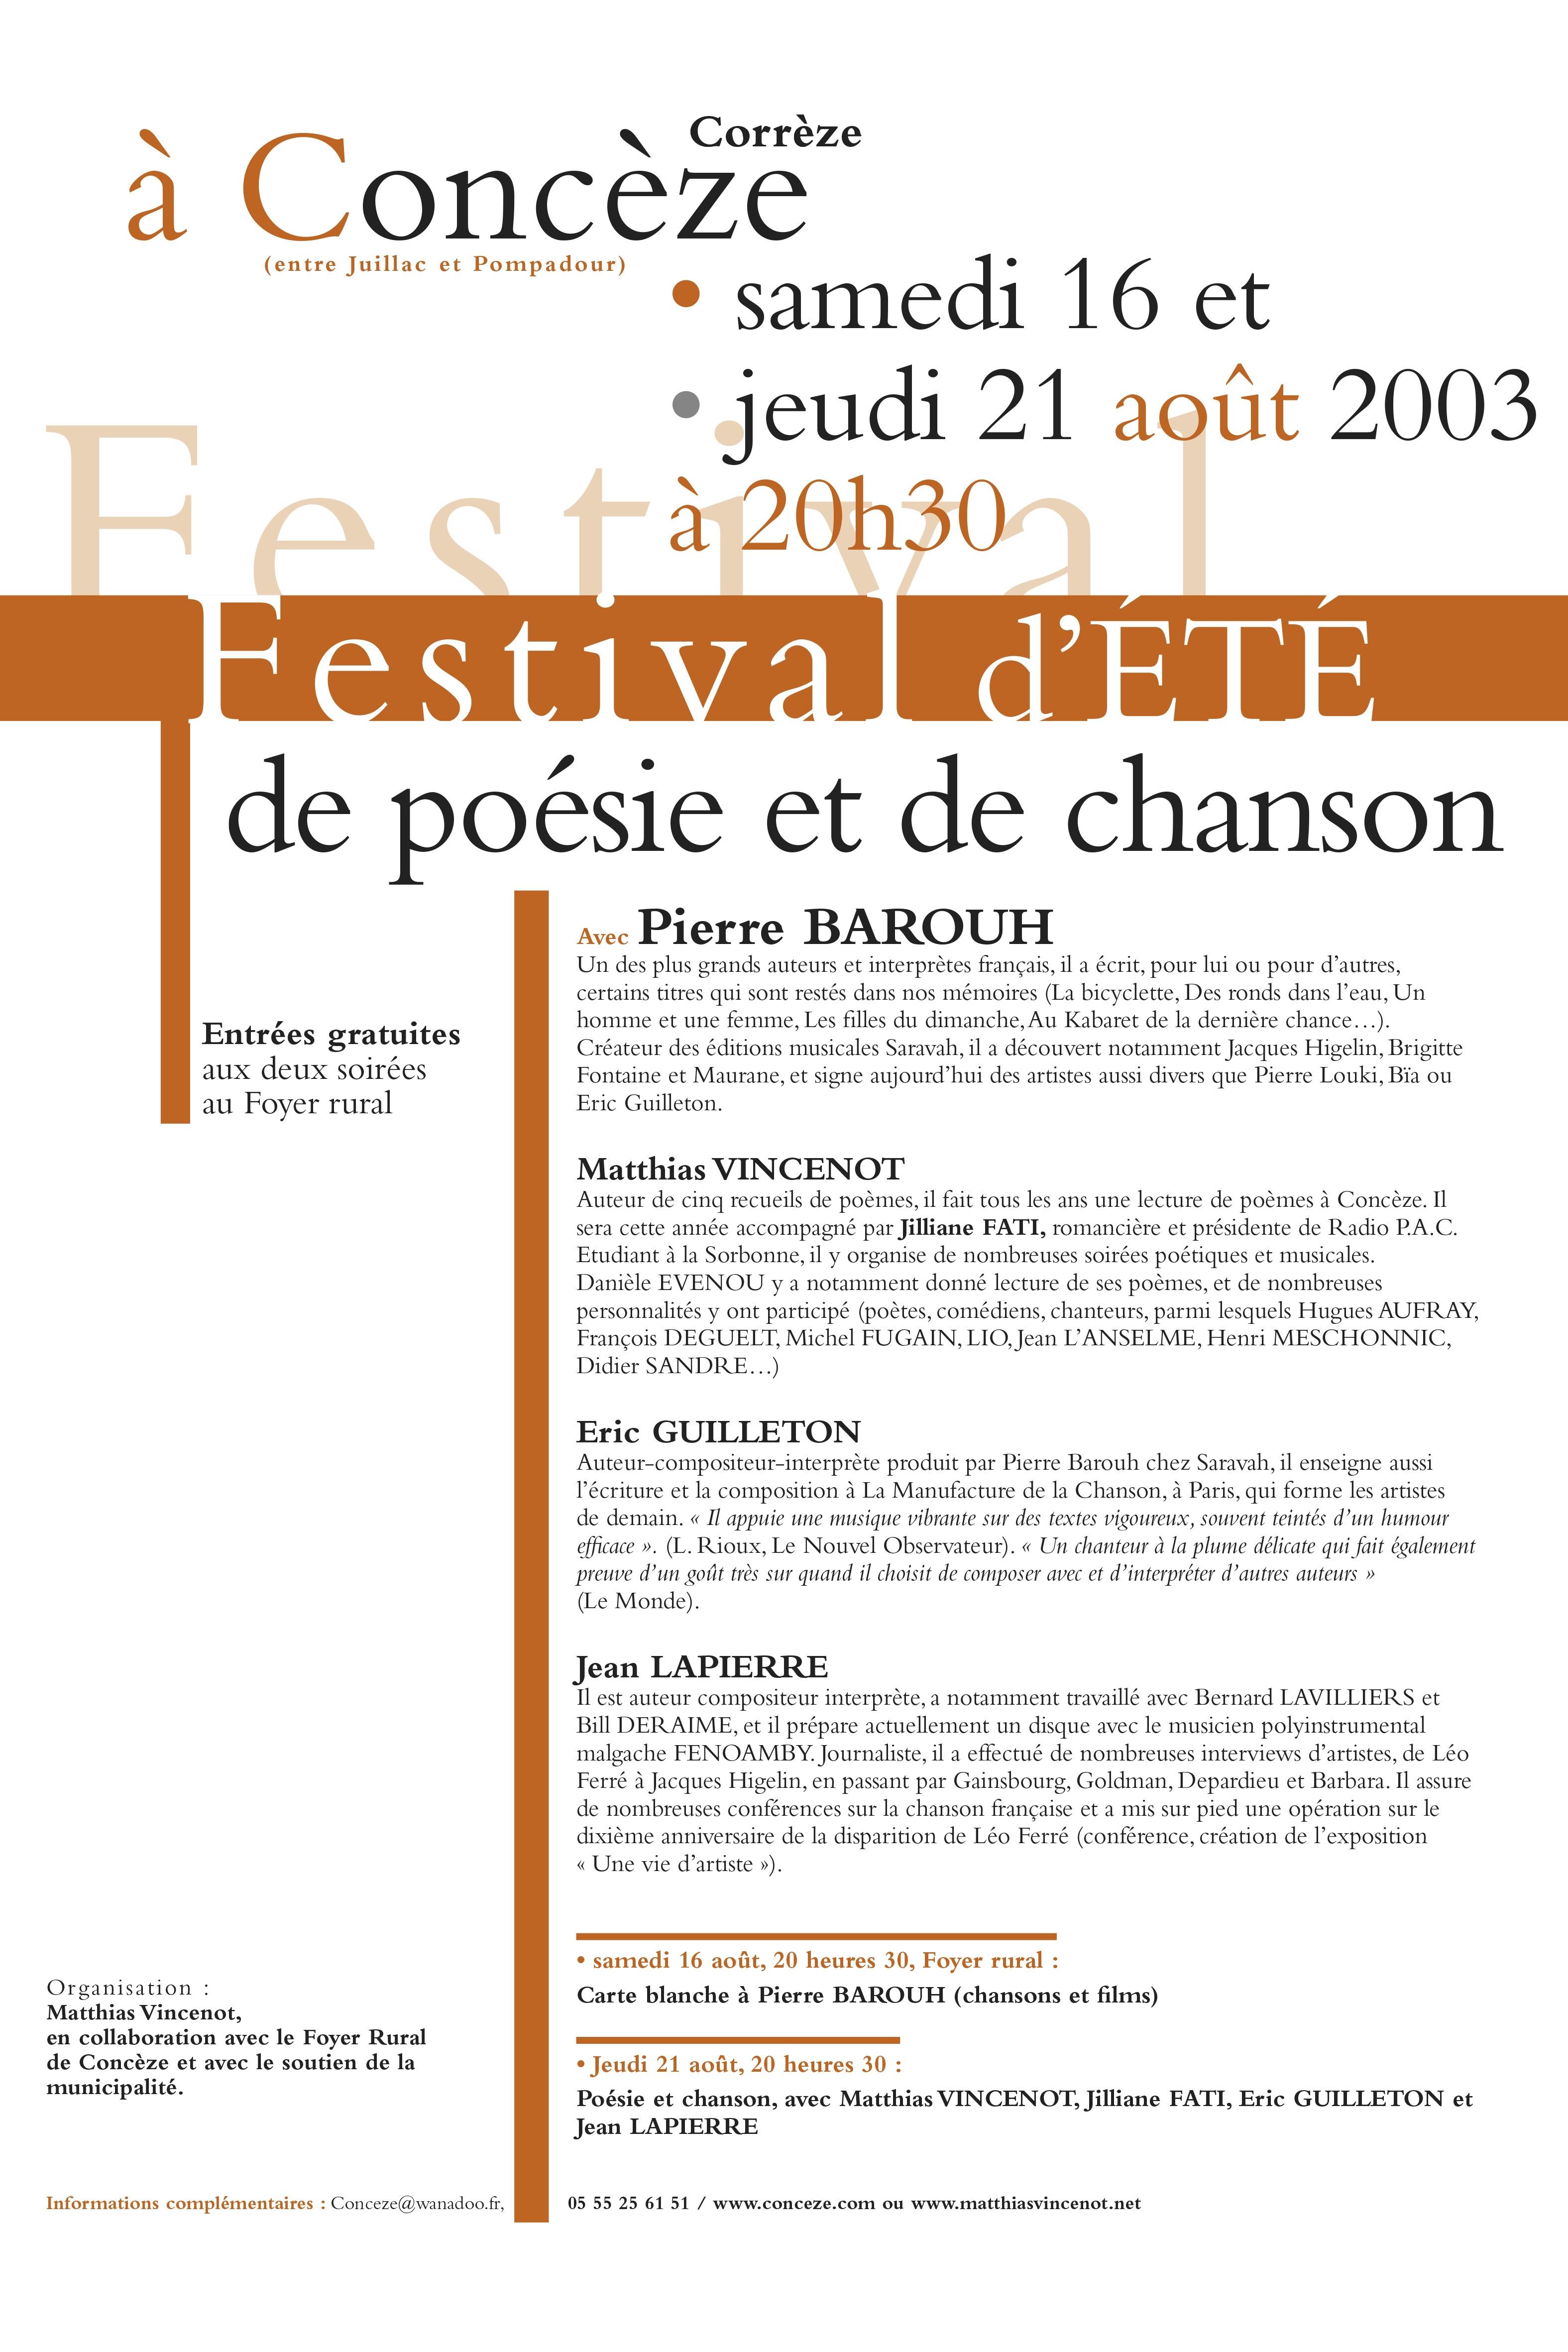 Aff. Conceze 2003